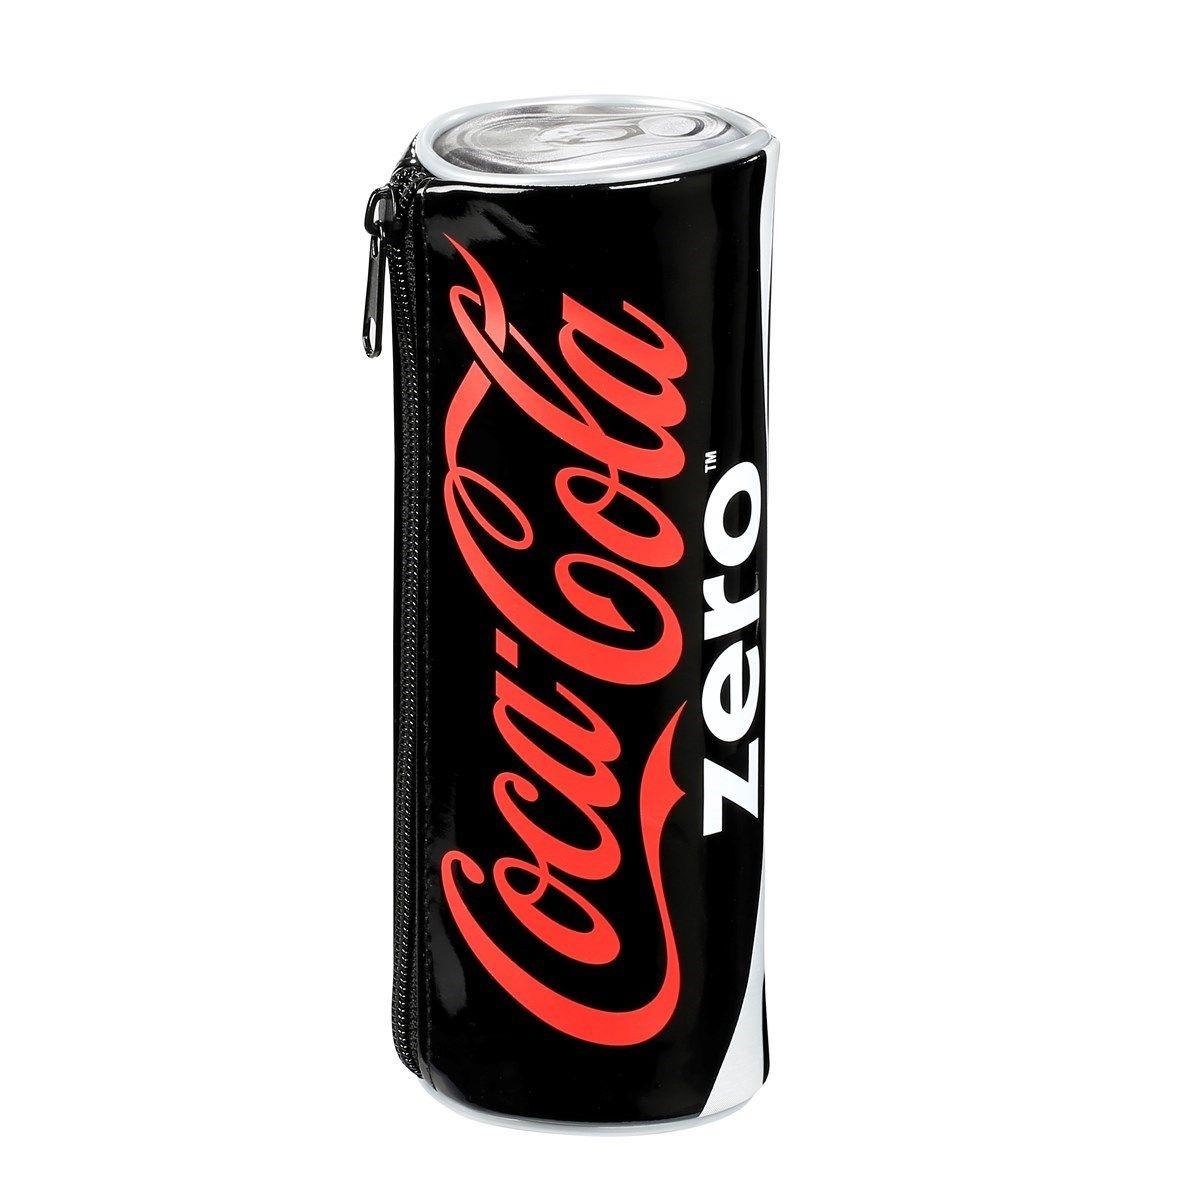 Trousse Coca Cola Drink zero forme canette Coca Cola - Licence Officielle